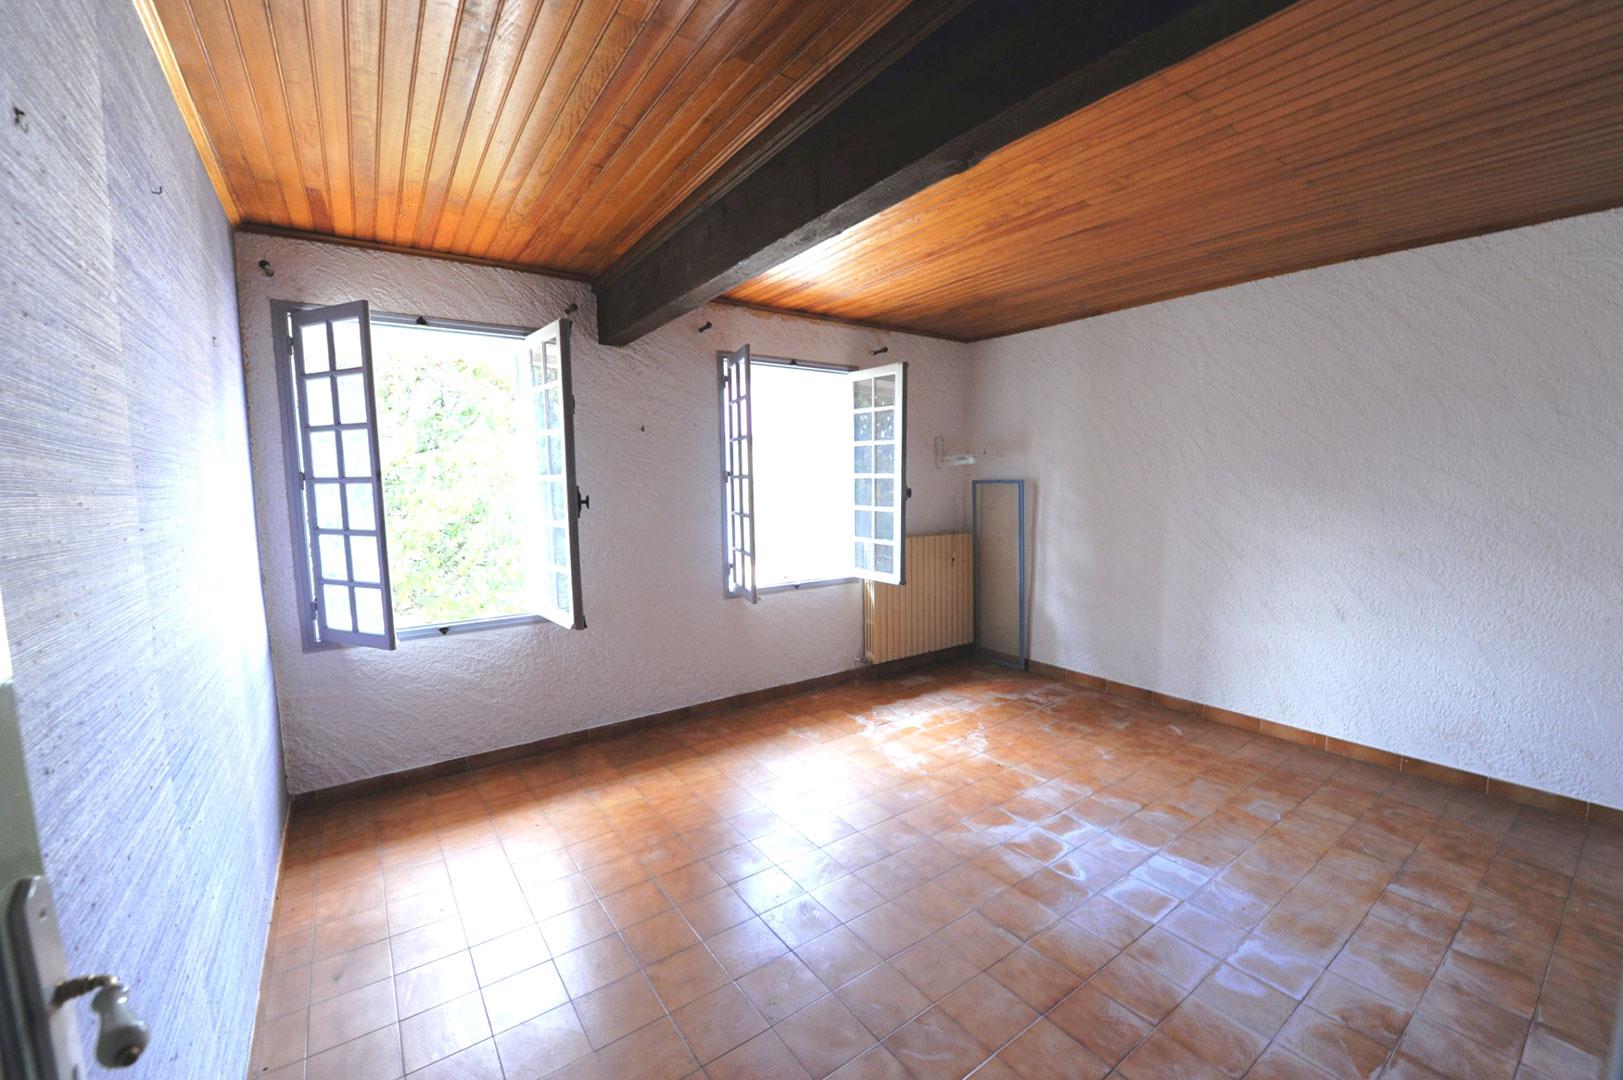 A vendre au cœur du Luberon, maison avec local commercial   et piscine